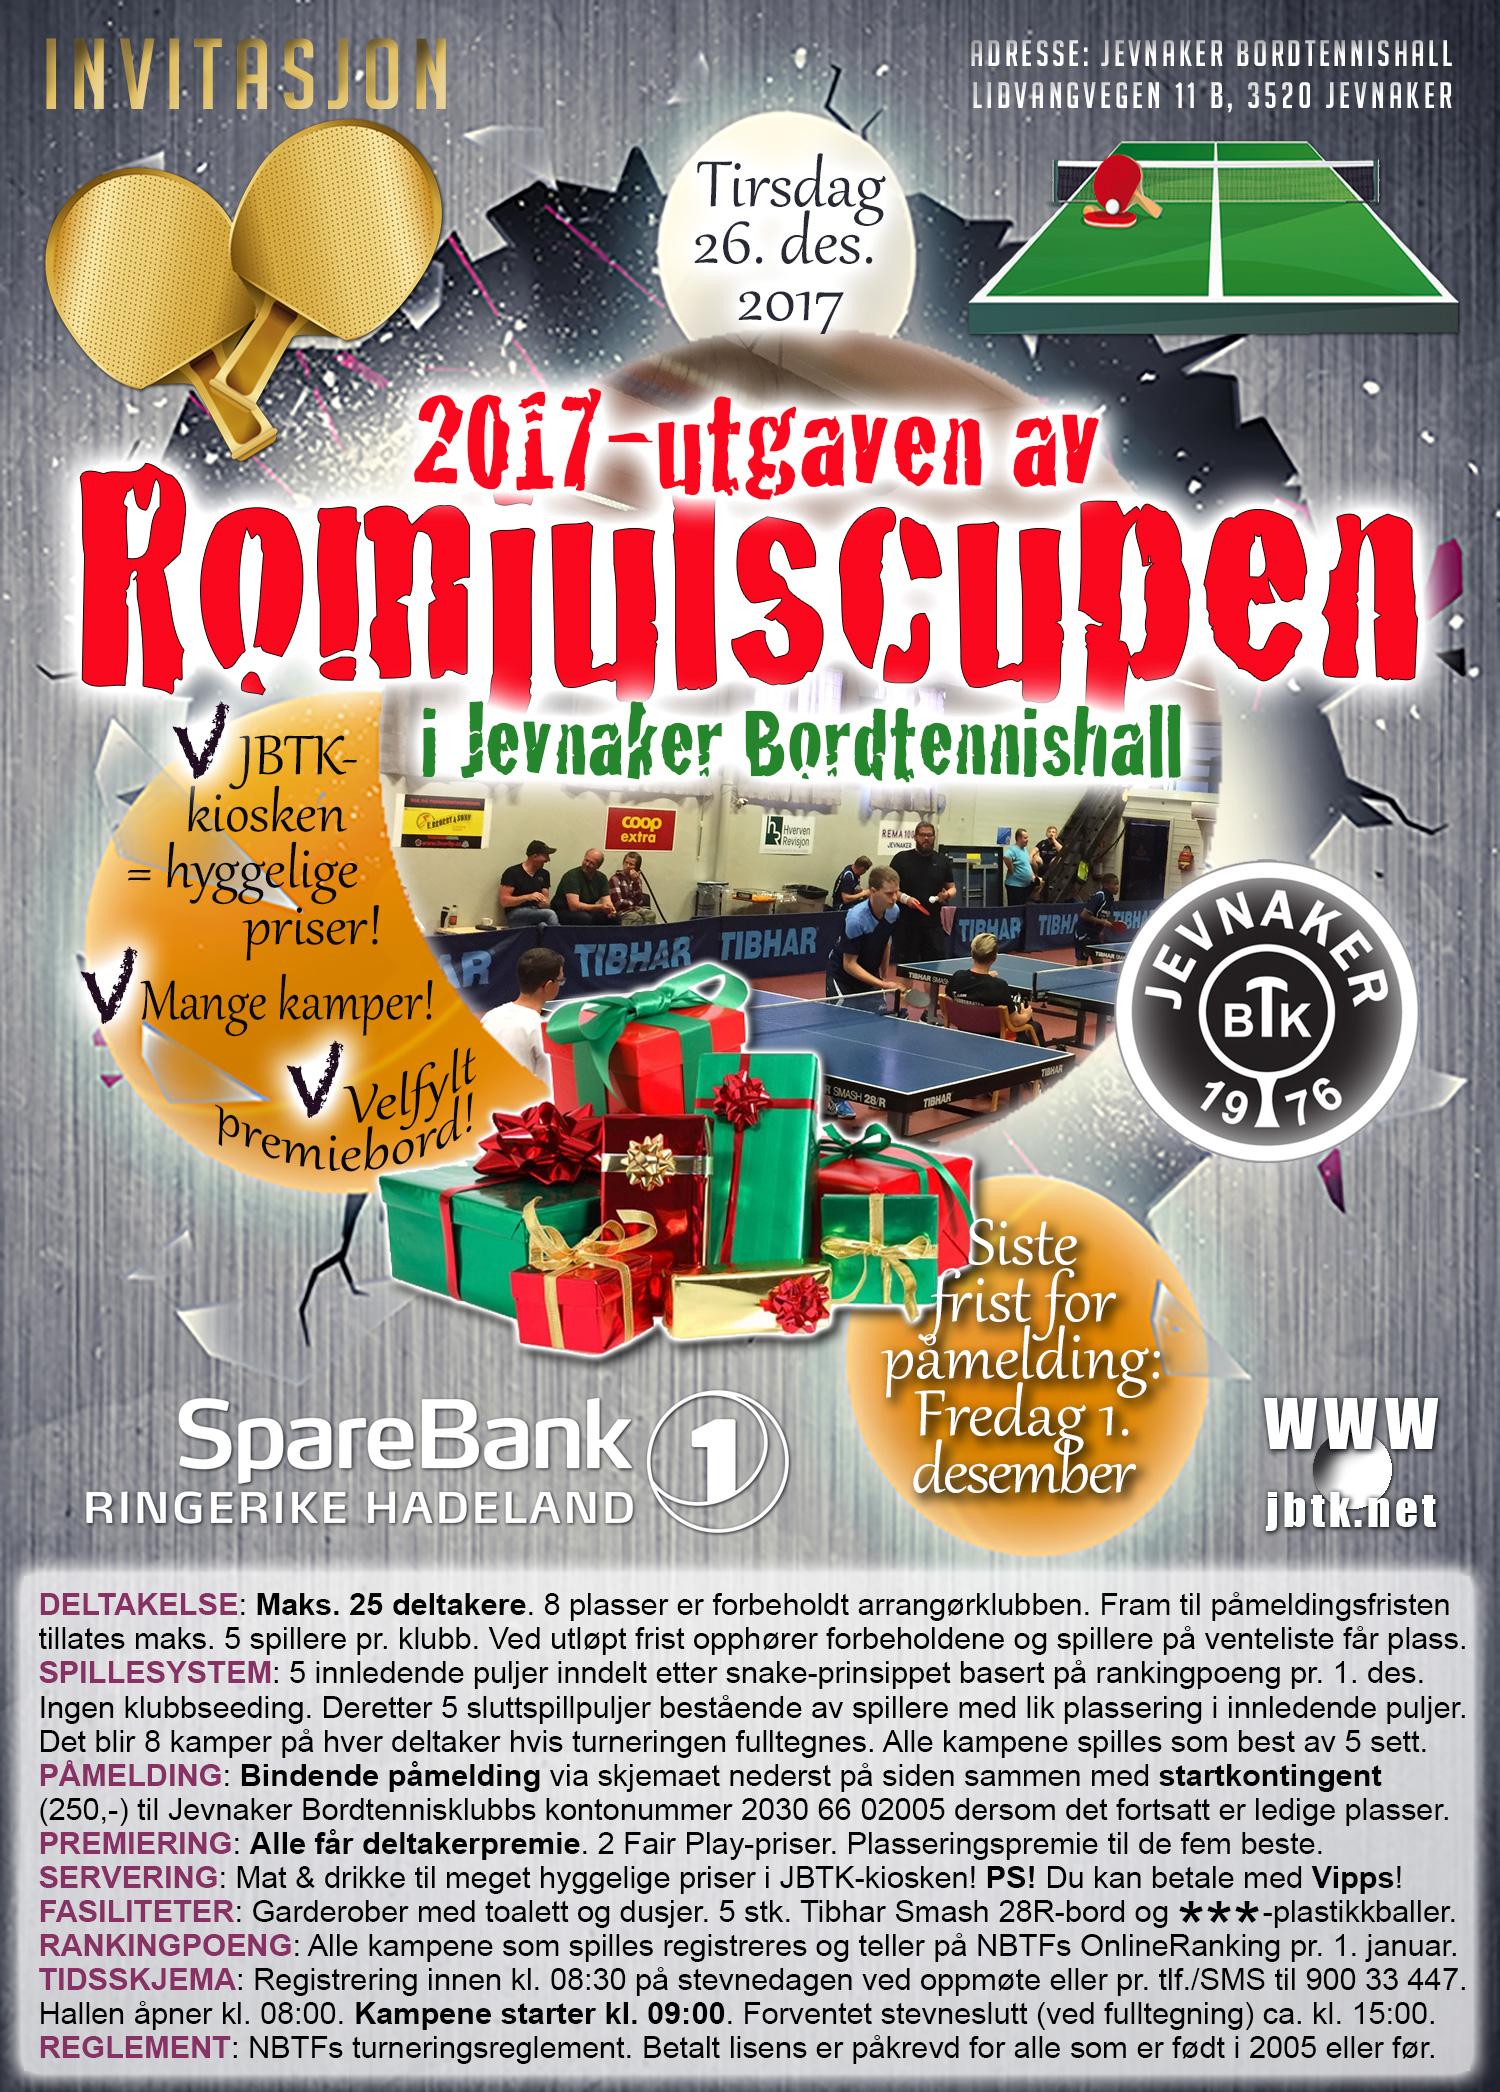 Invitasjon til Romjulscupen 2017 | Jevnaker Bordtennisklubb